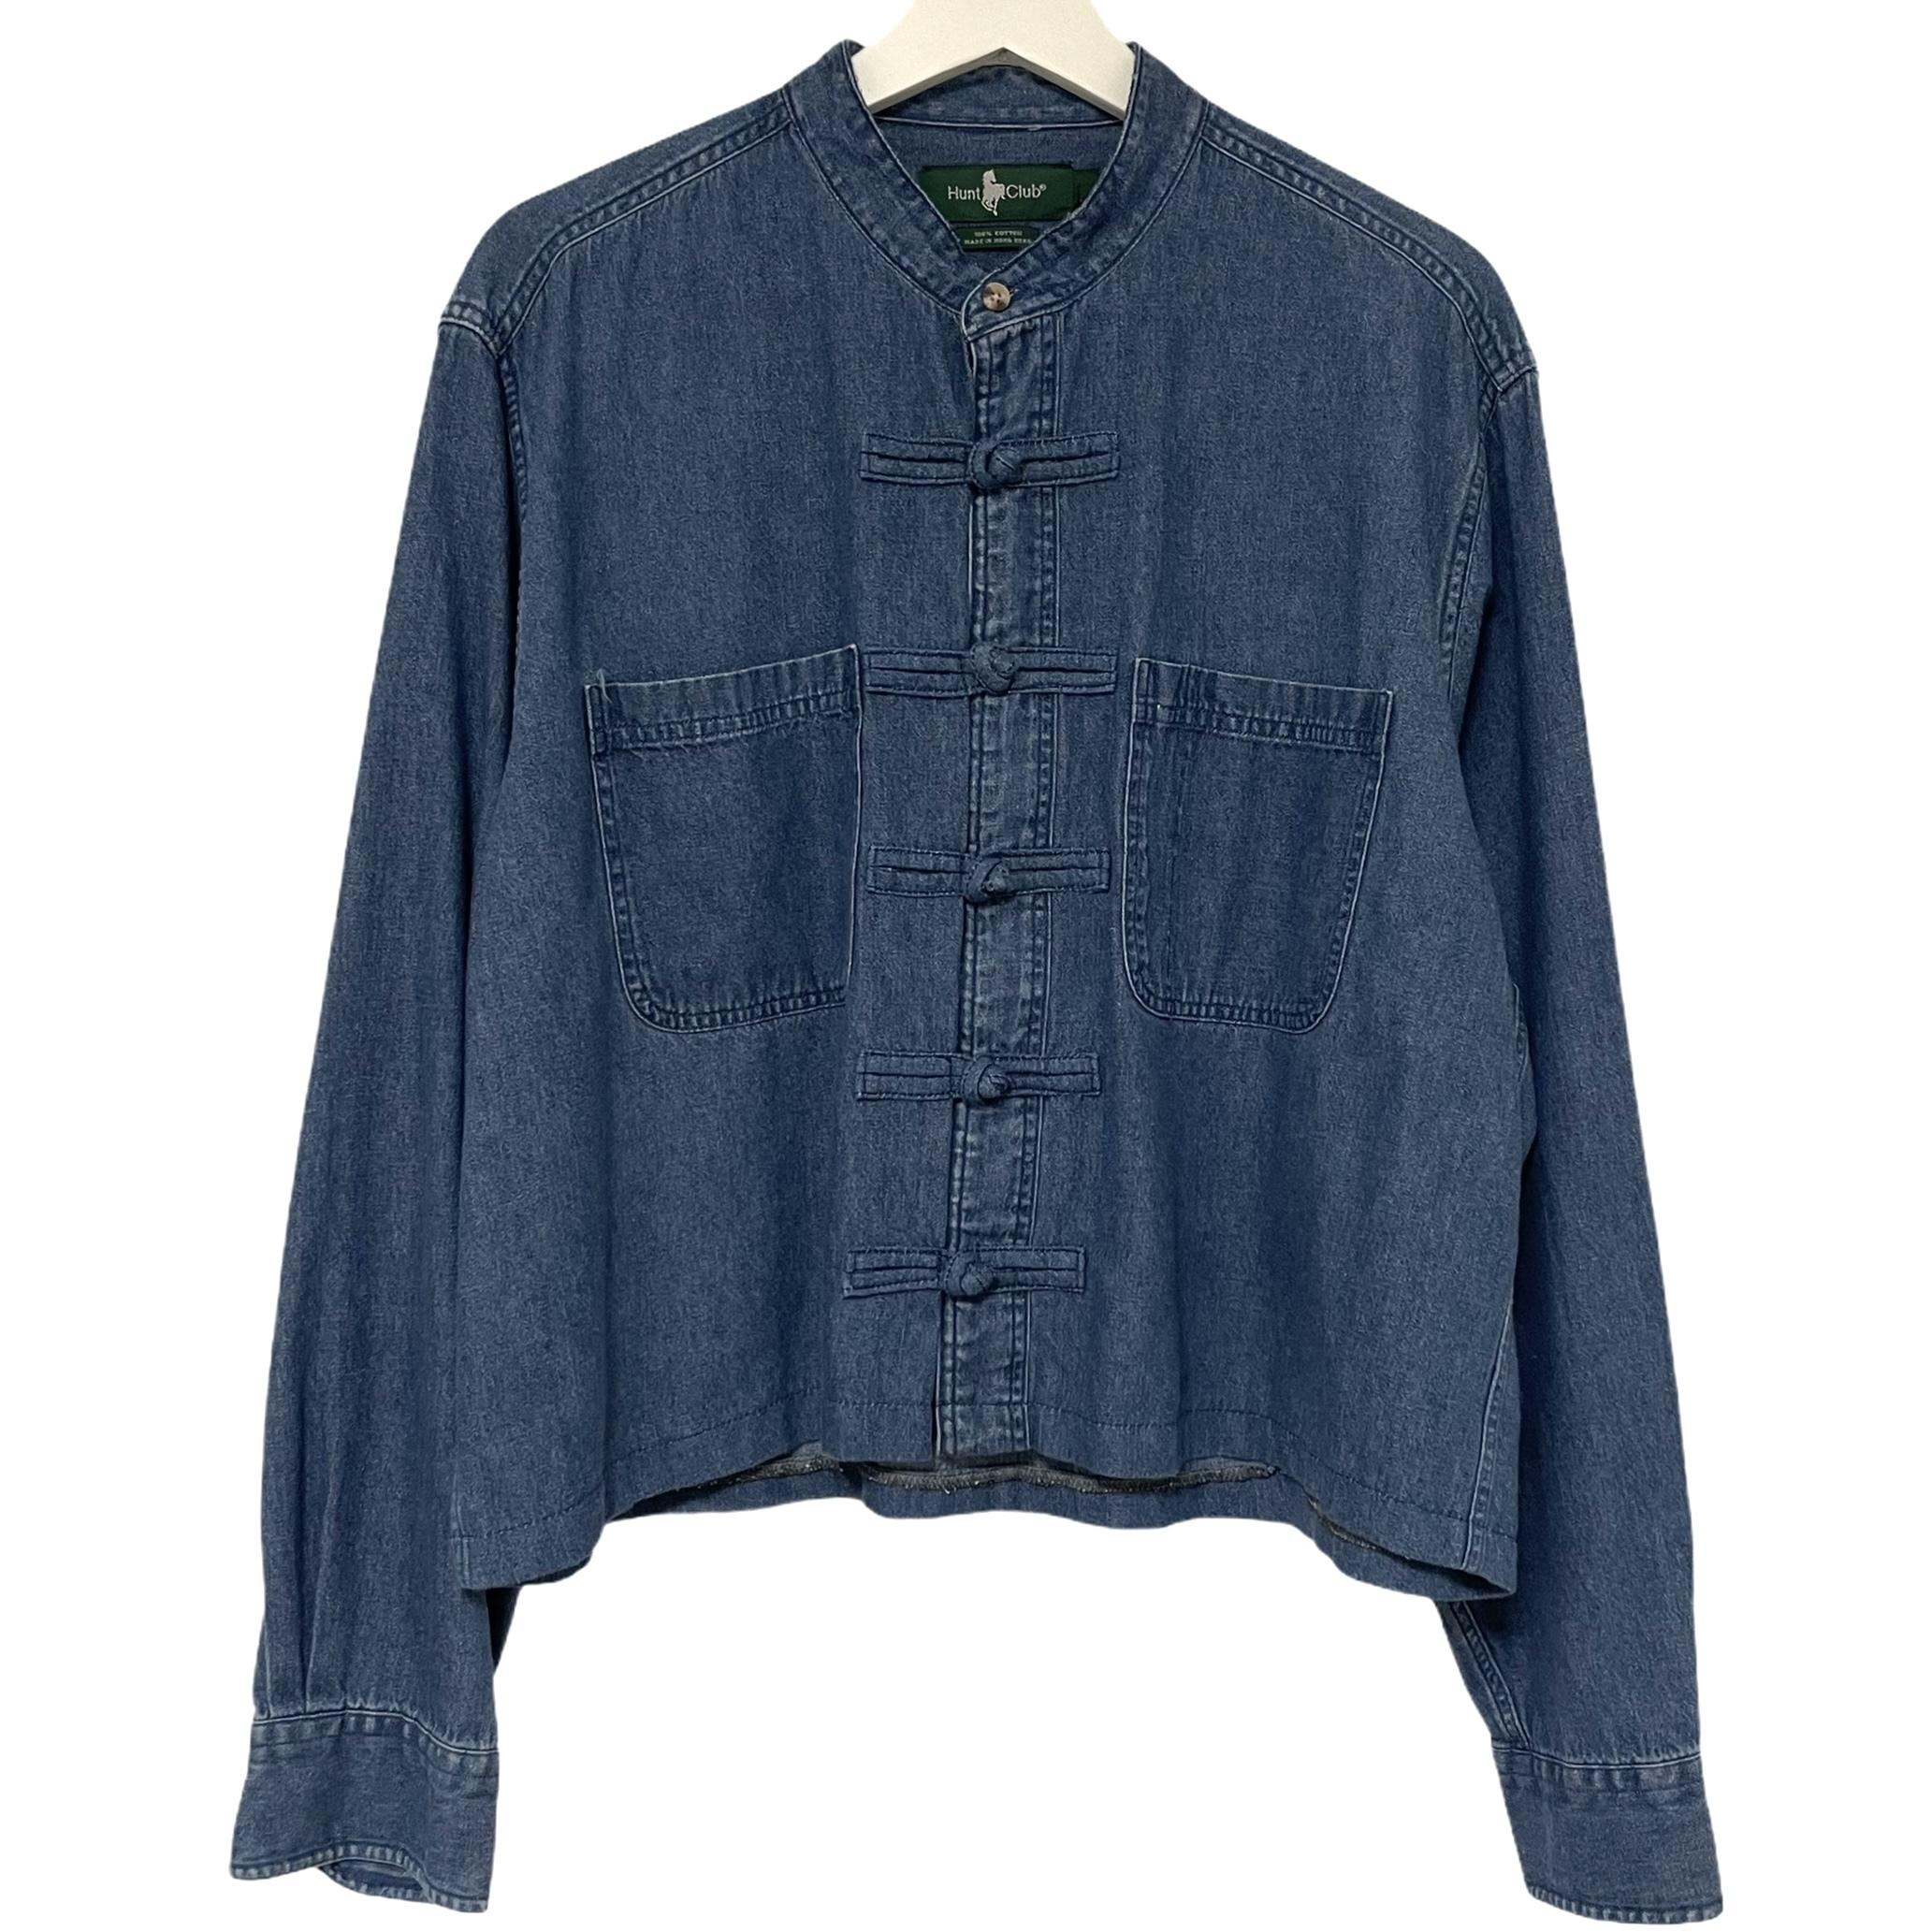 Remake China Shirt 【 Denim Blue Short 】